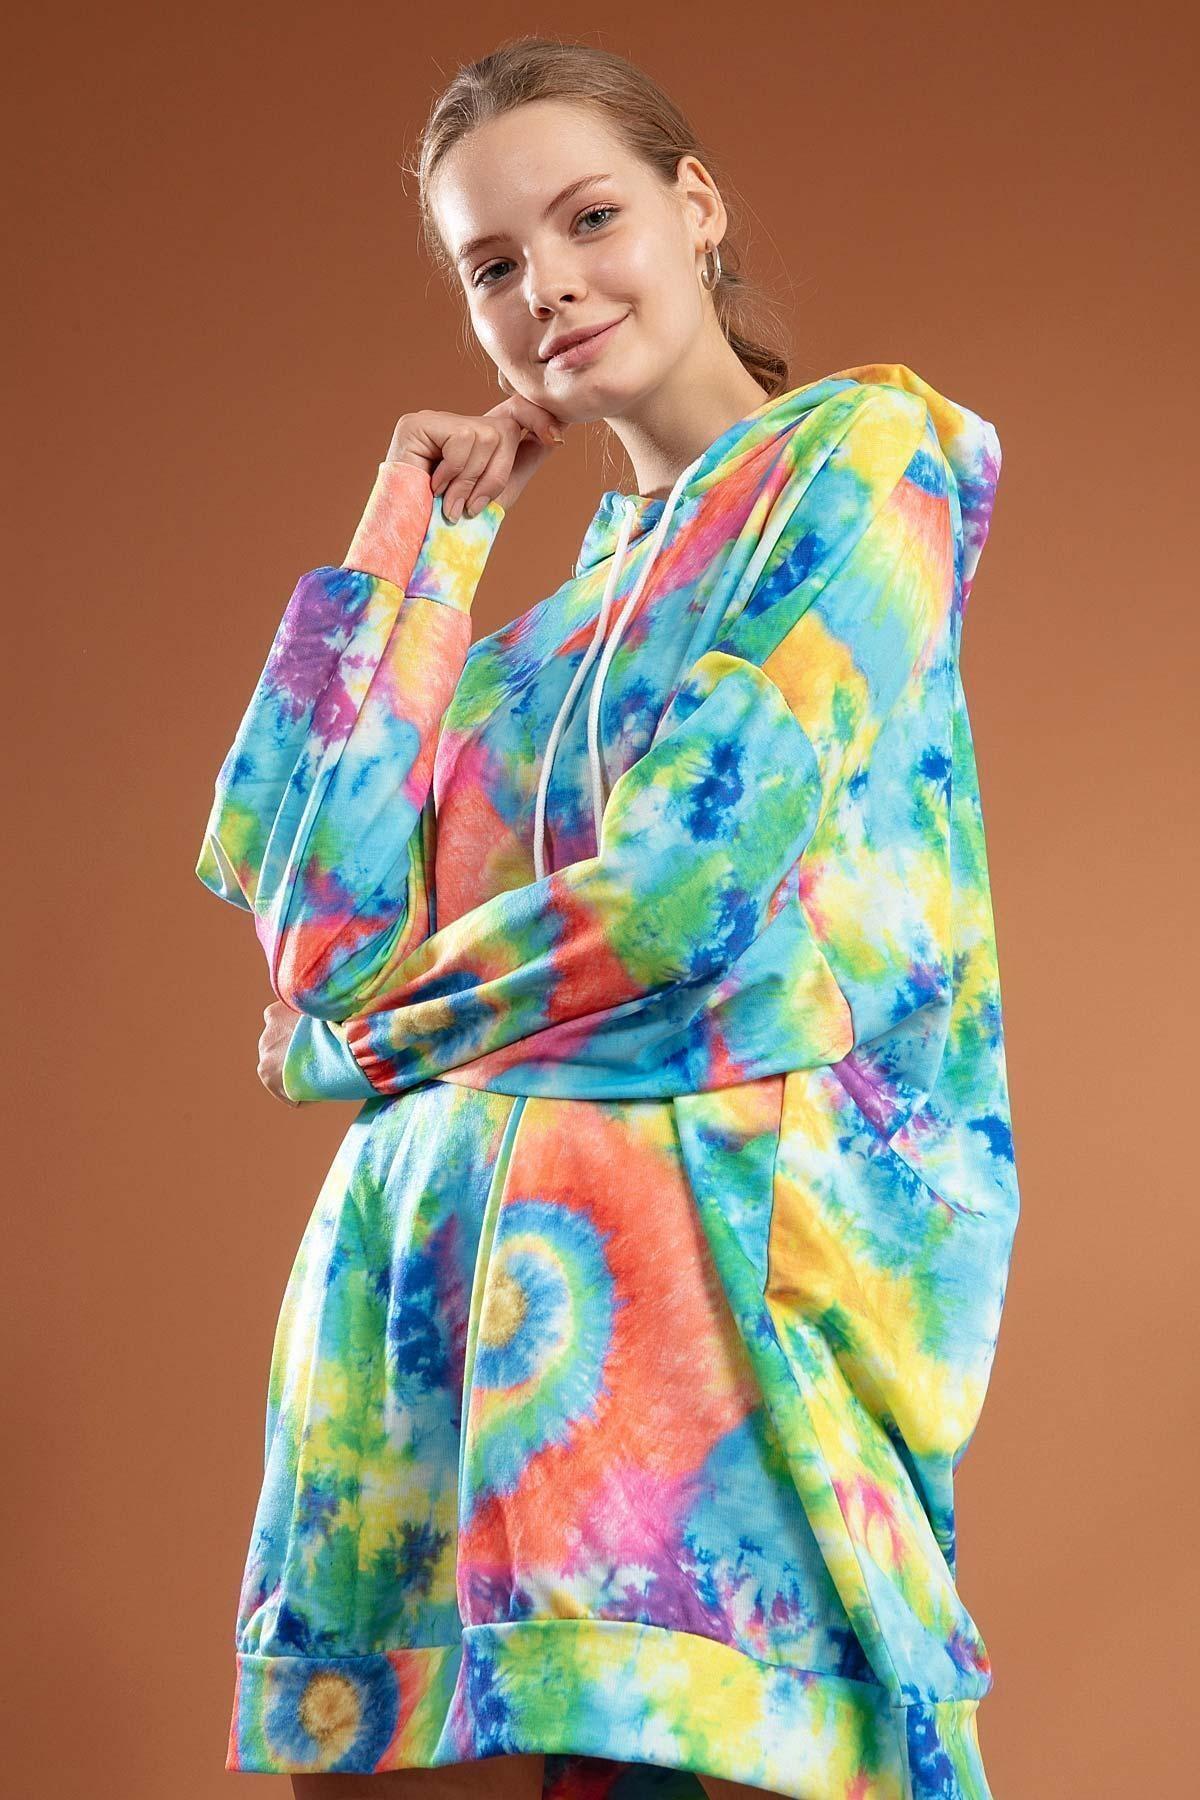 Pattaya Kadın Batik Desenli Kapşonlu Oversize Elbise Sweatshirt Y20w110-4125-9 2